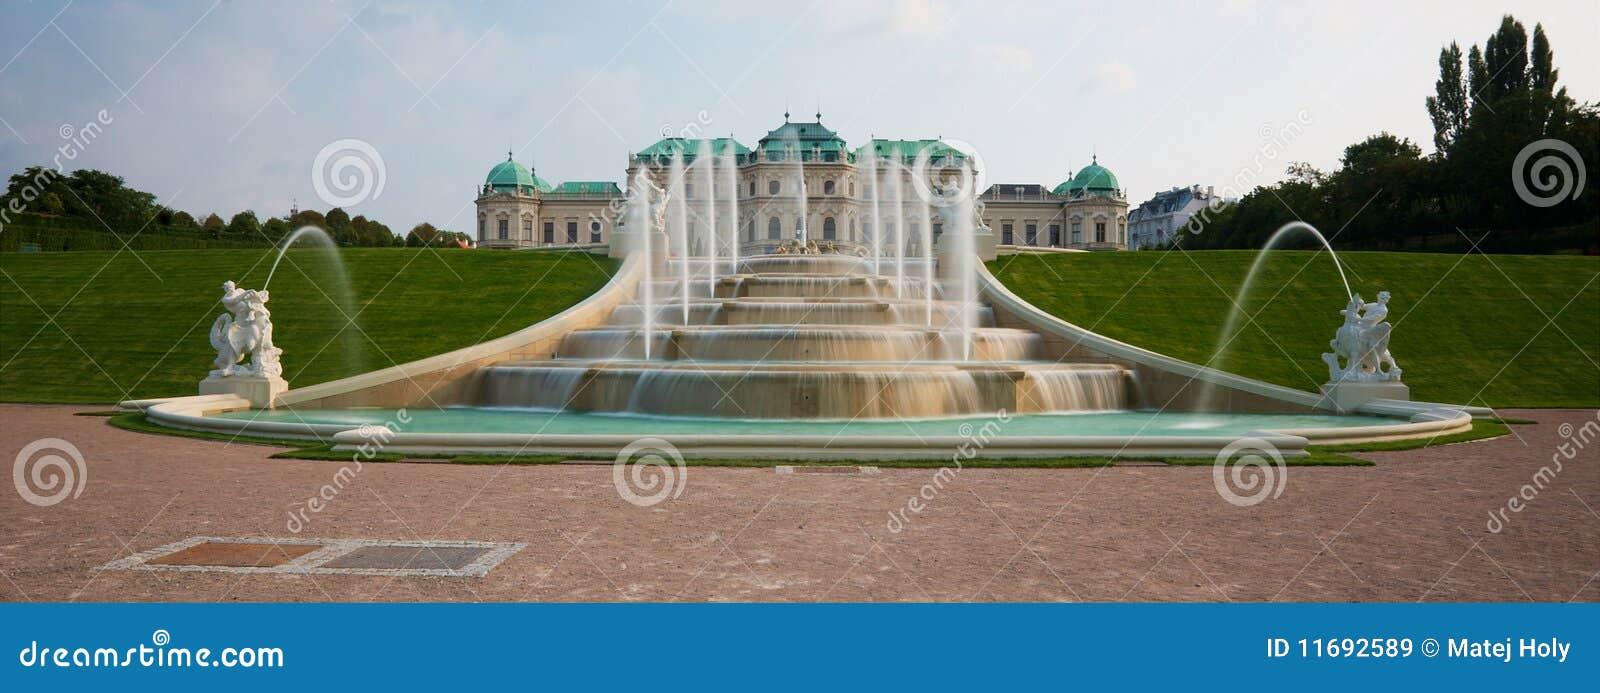 Fonte do castelo do Belvedere